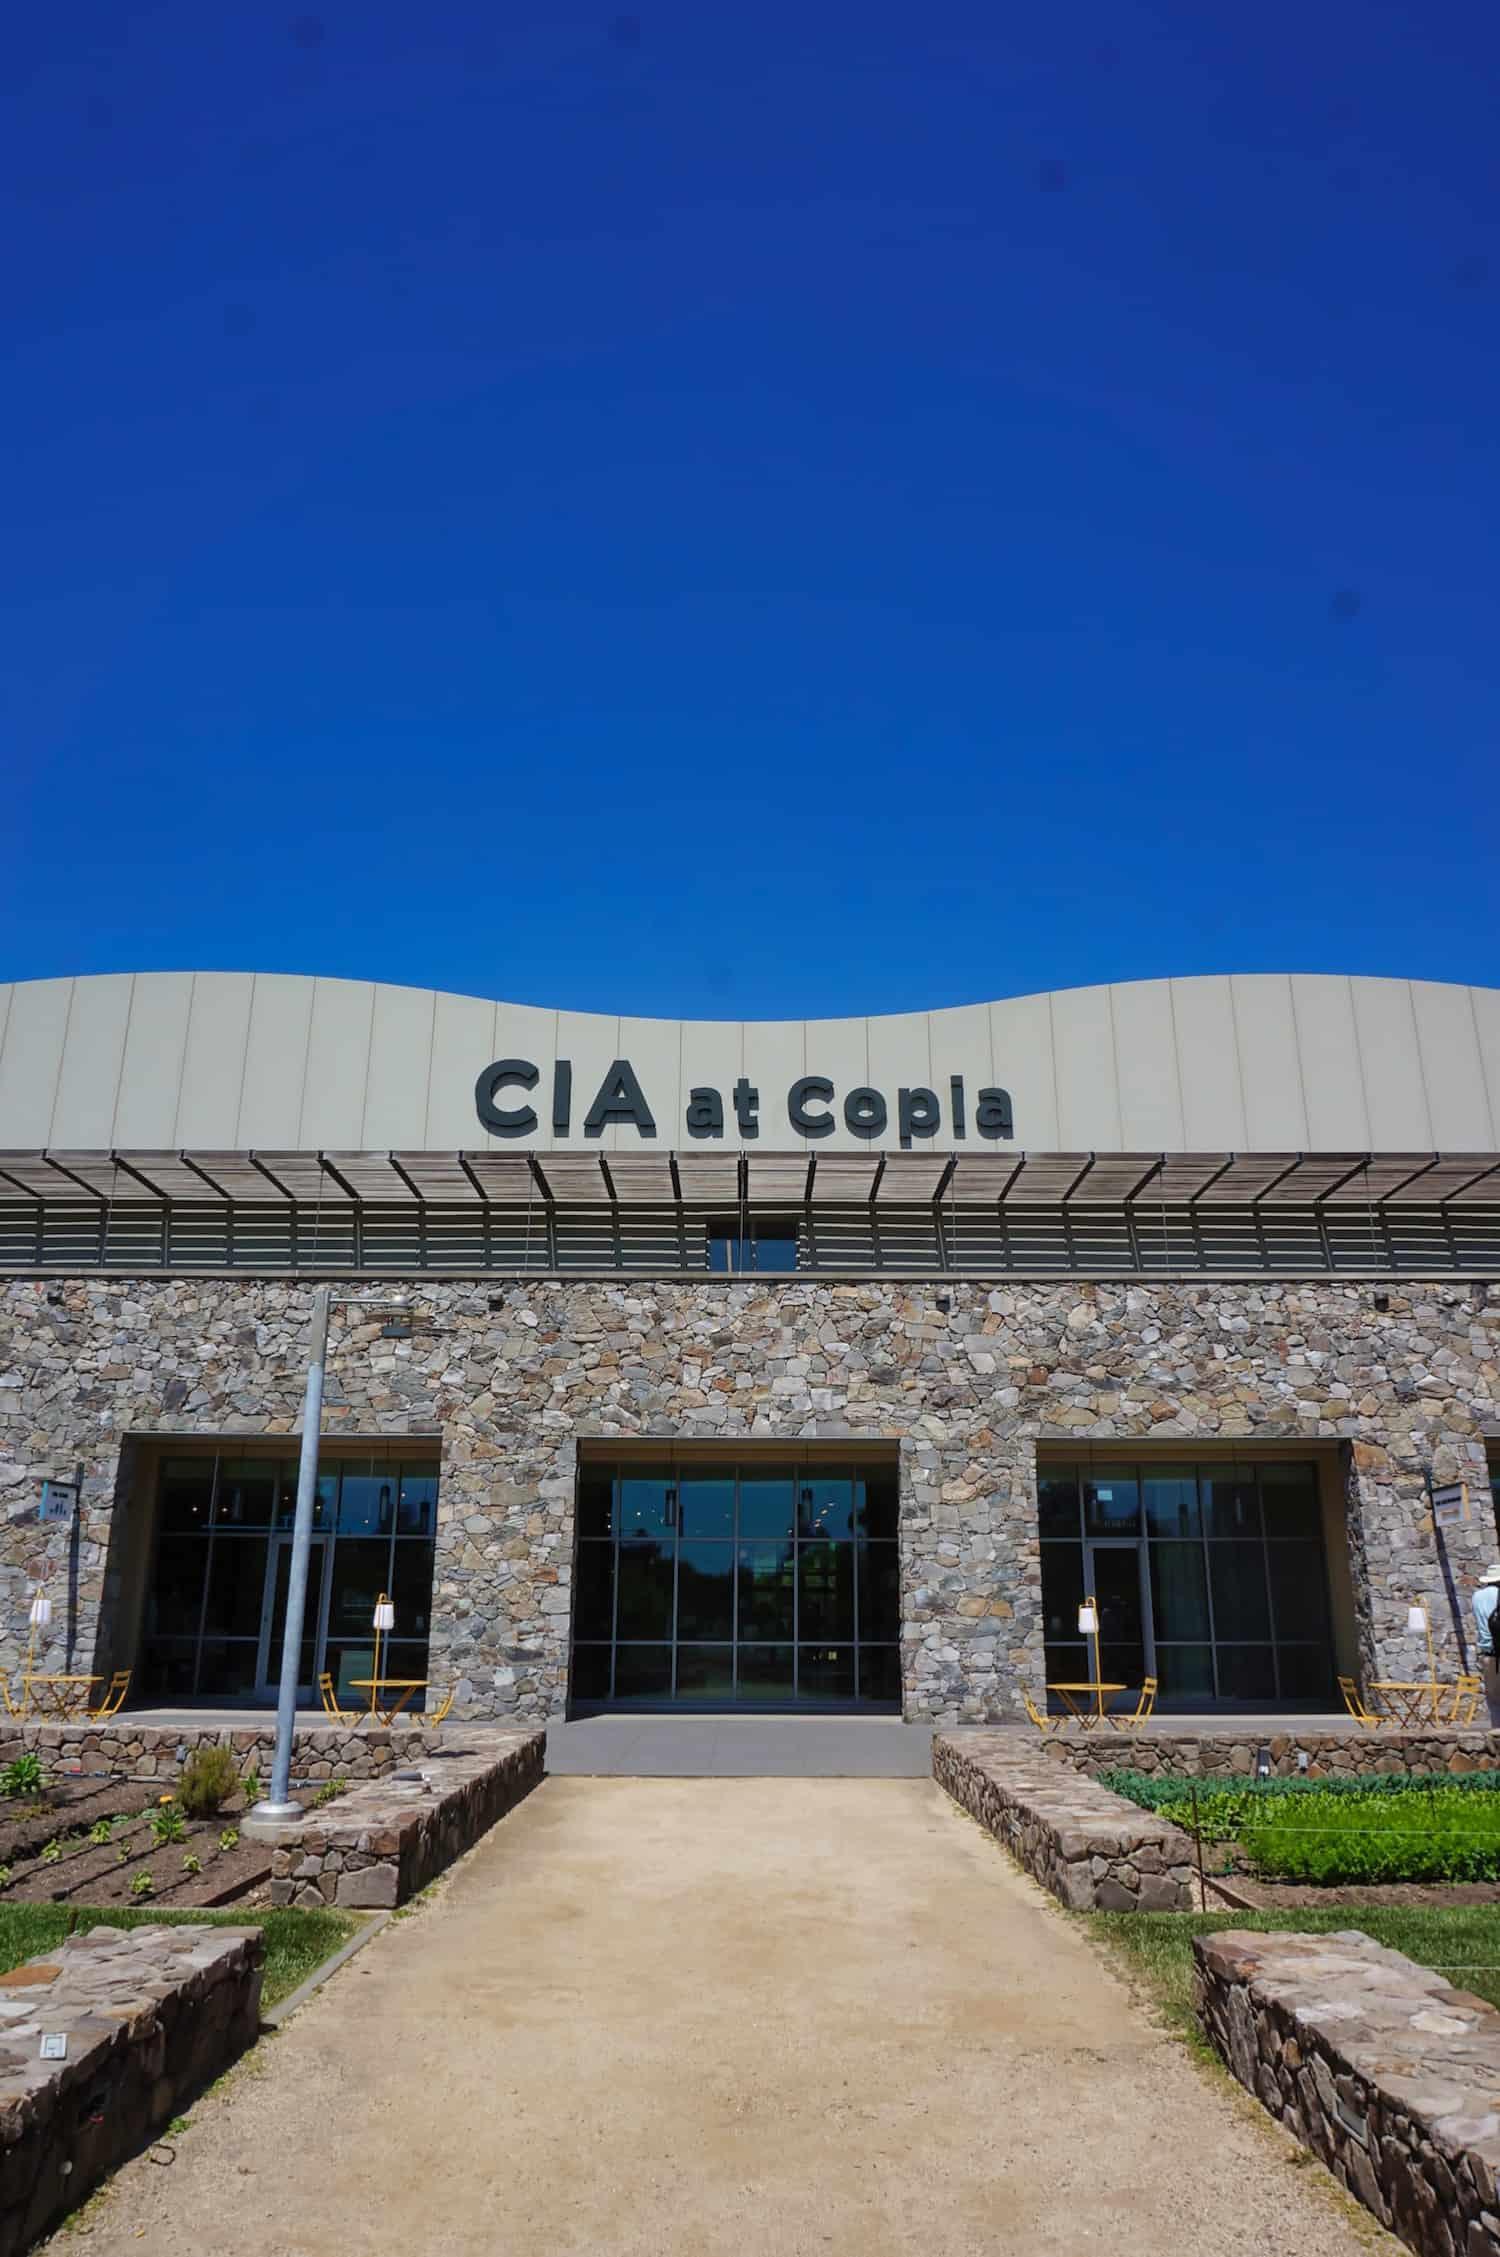 Downtown Napa - CIA at Copia